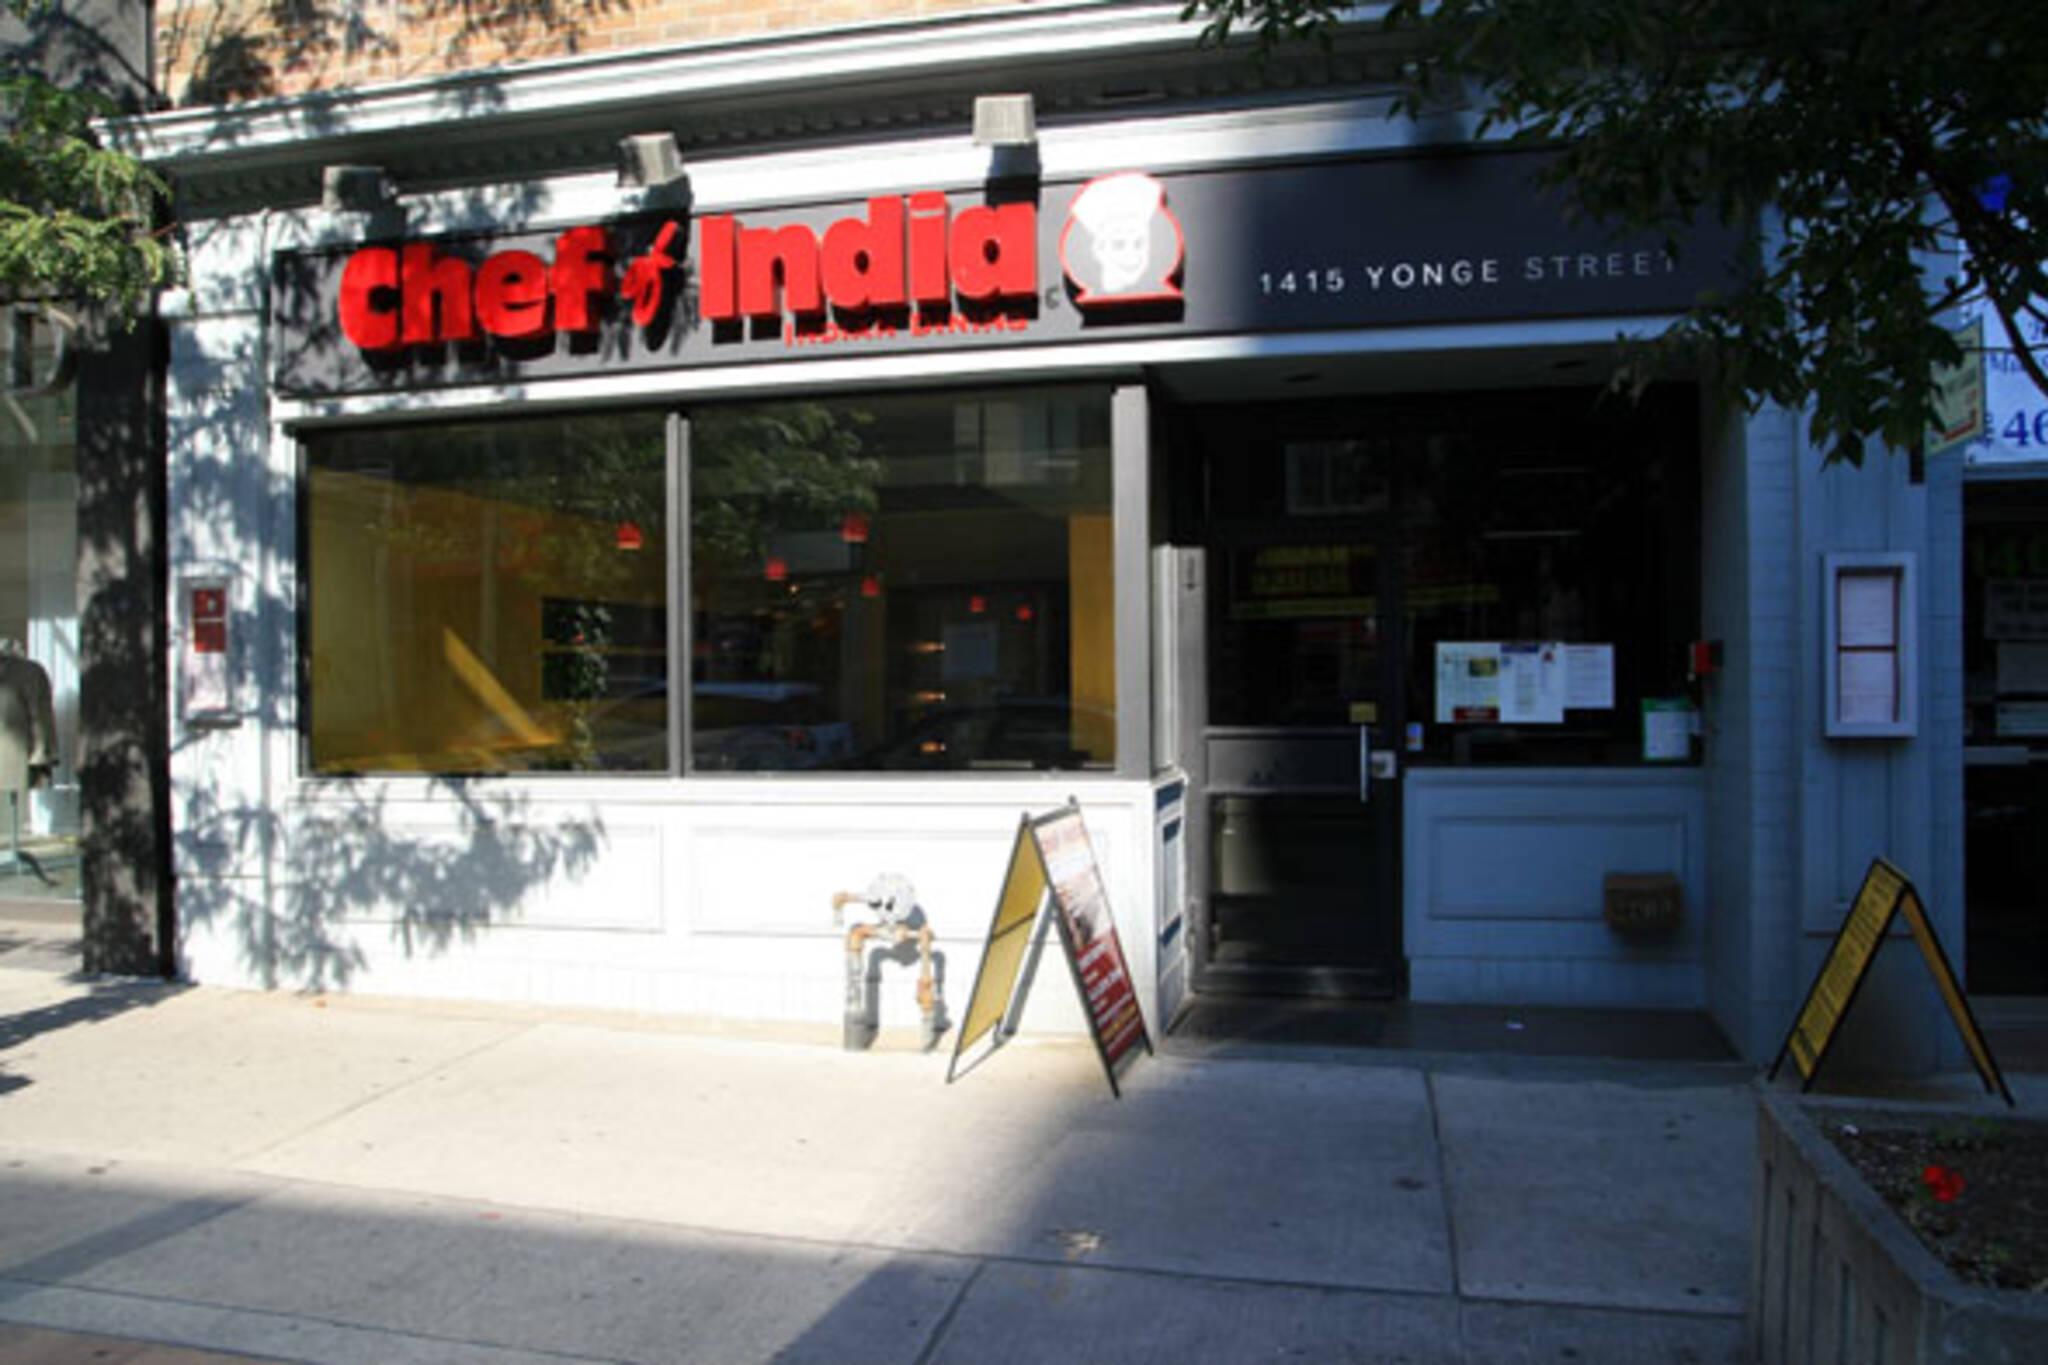 Chef of India Toronto